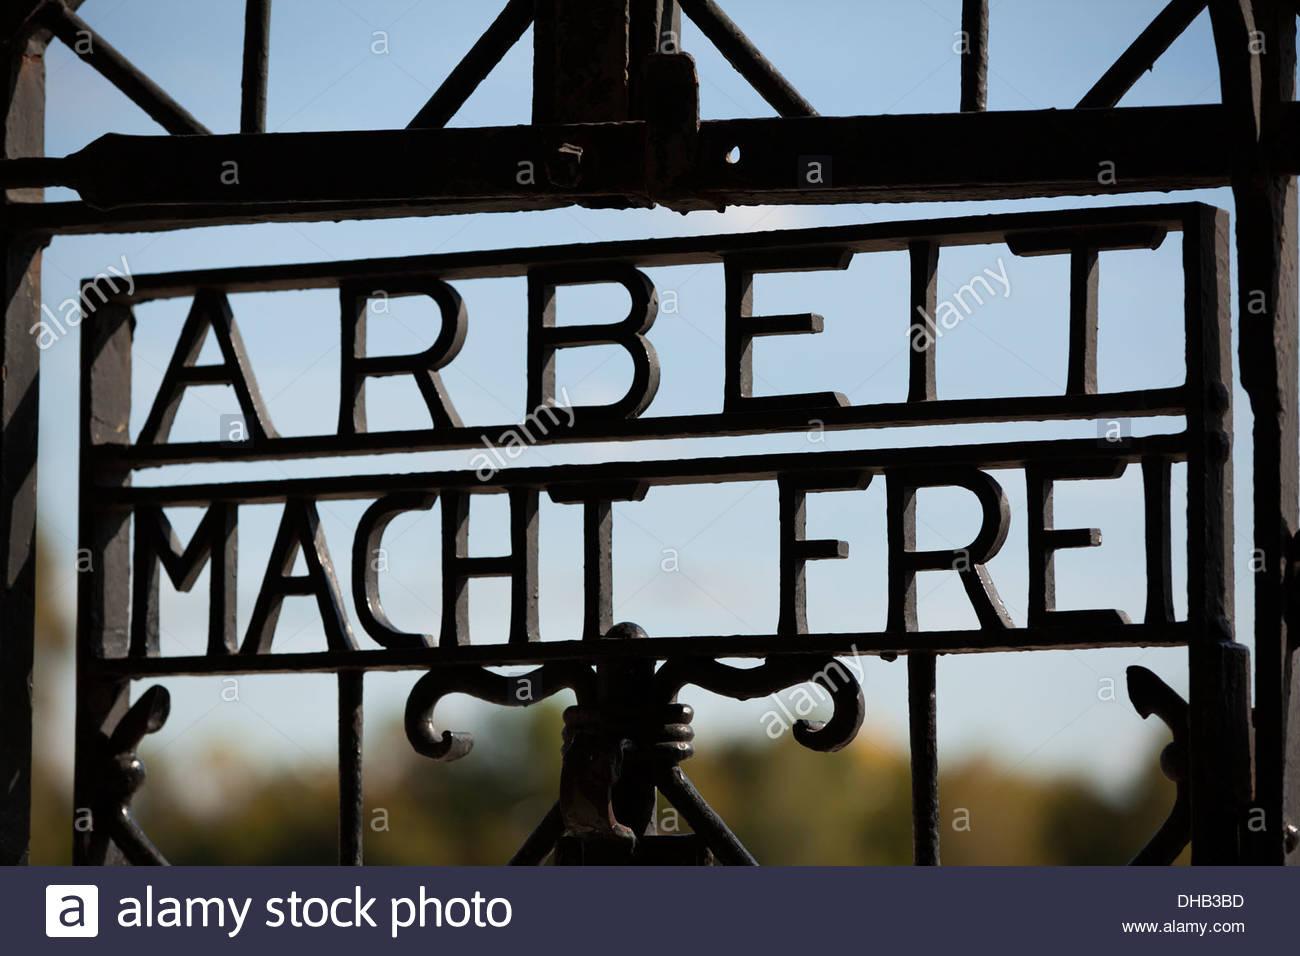 Dachau Concentration Camp, Dachau, Germany - Stock Image